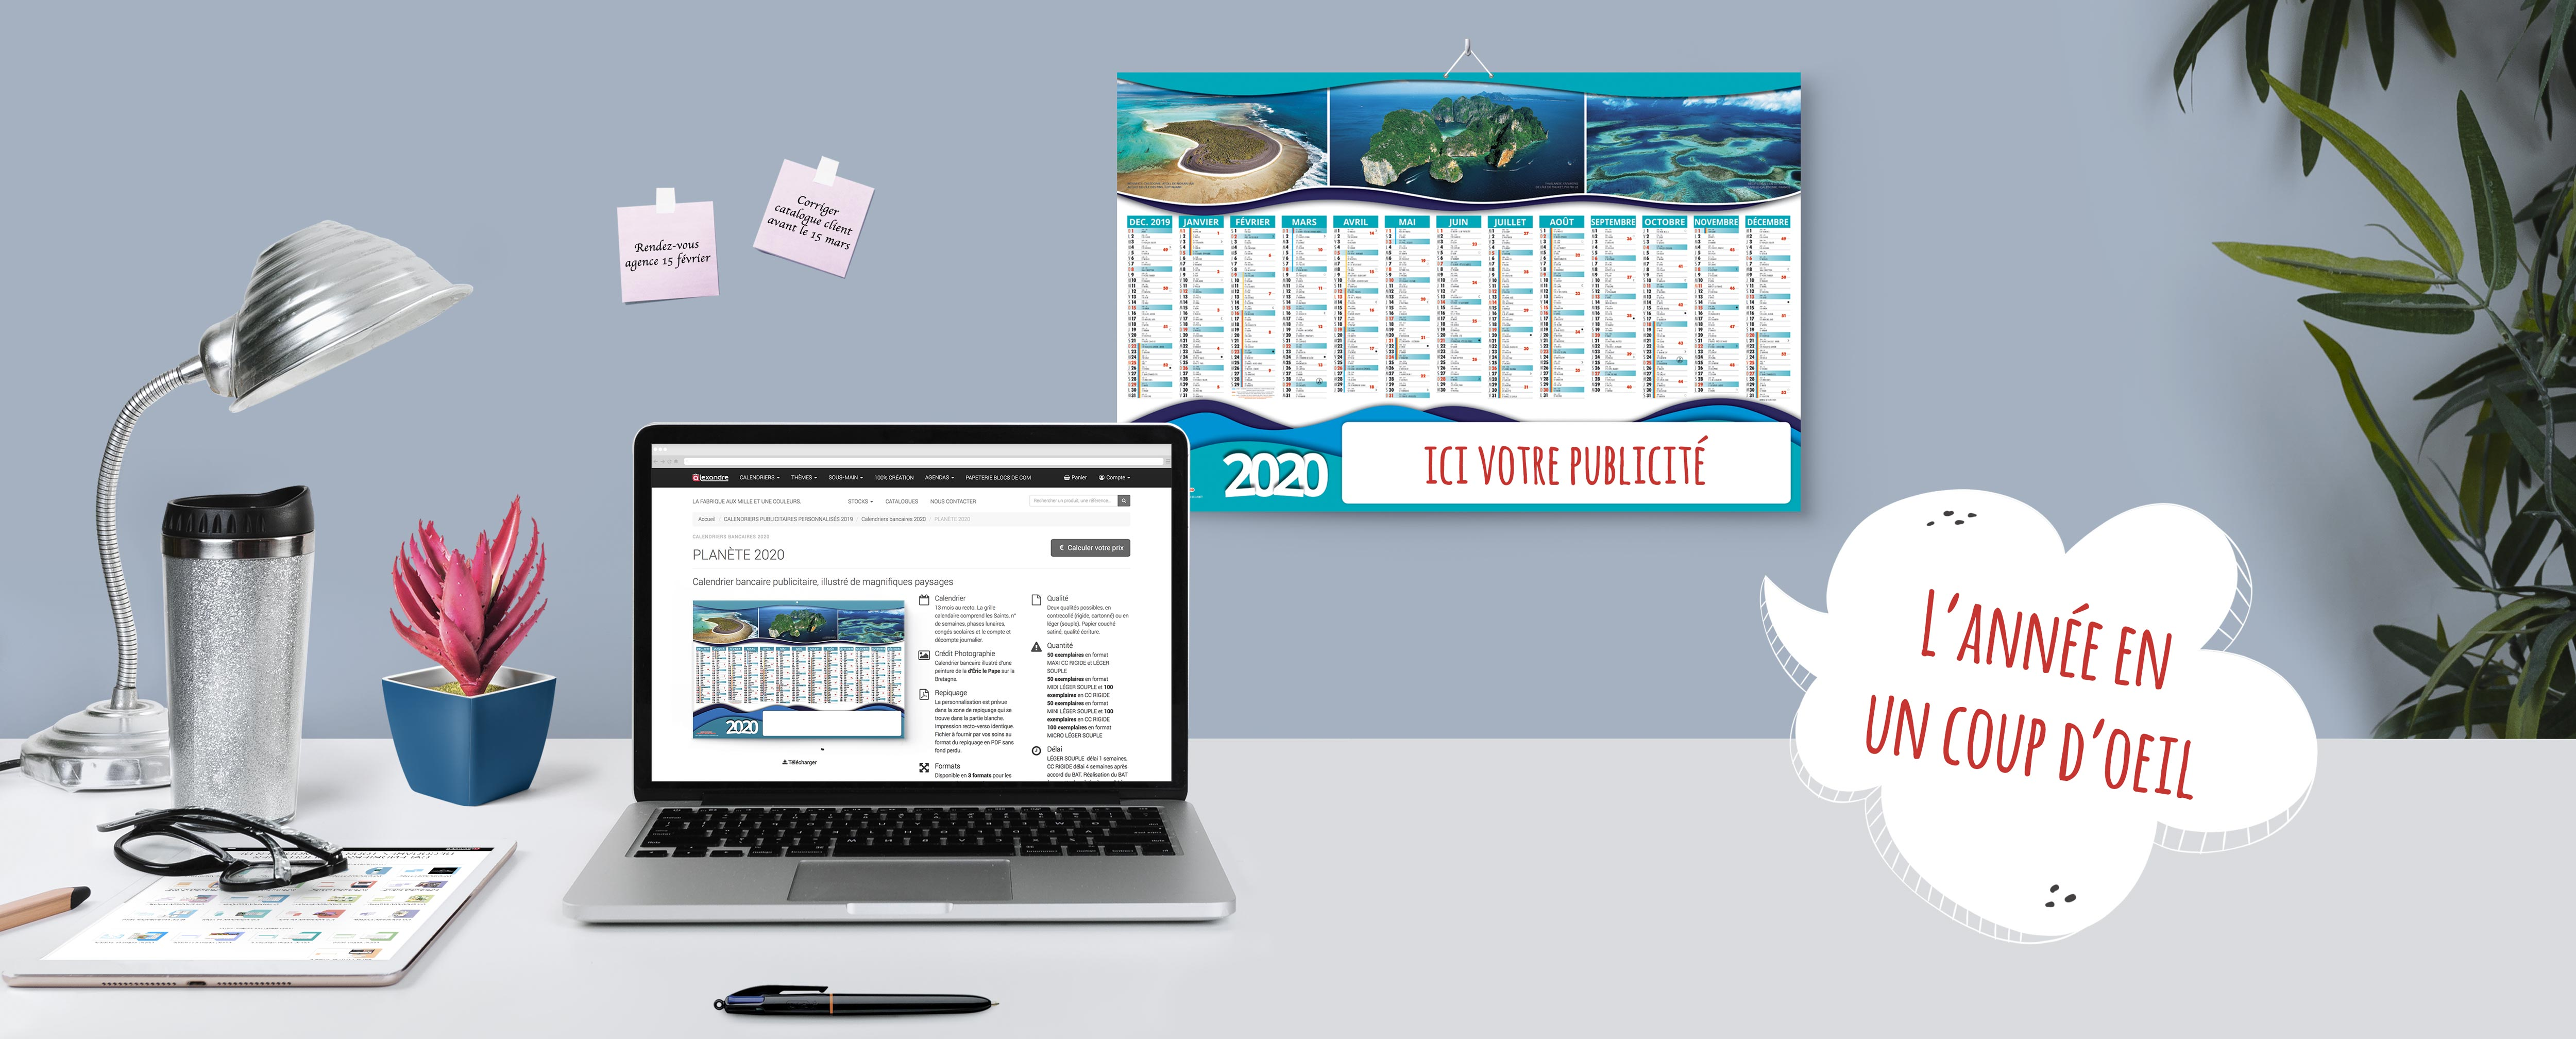 Calendriers bancaires publicitaires 2020